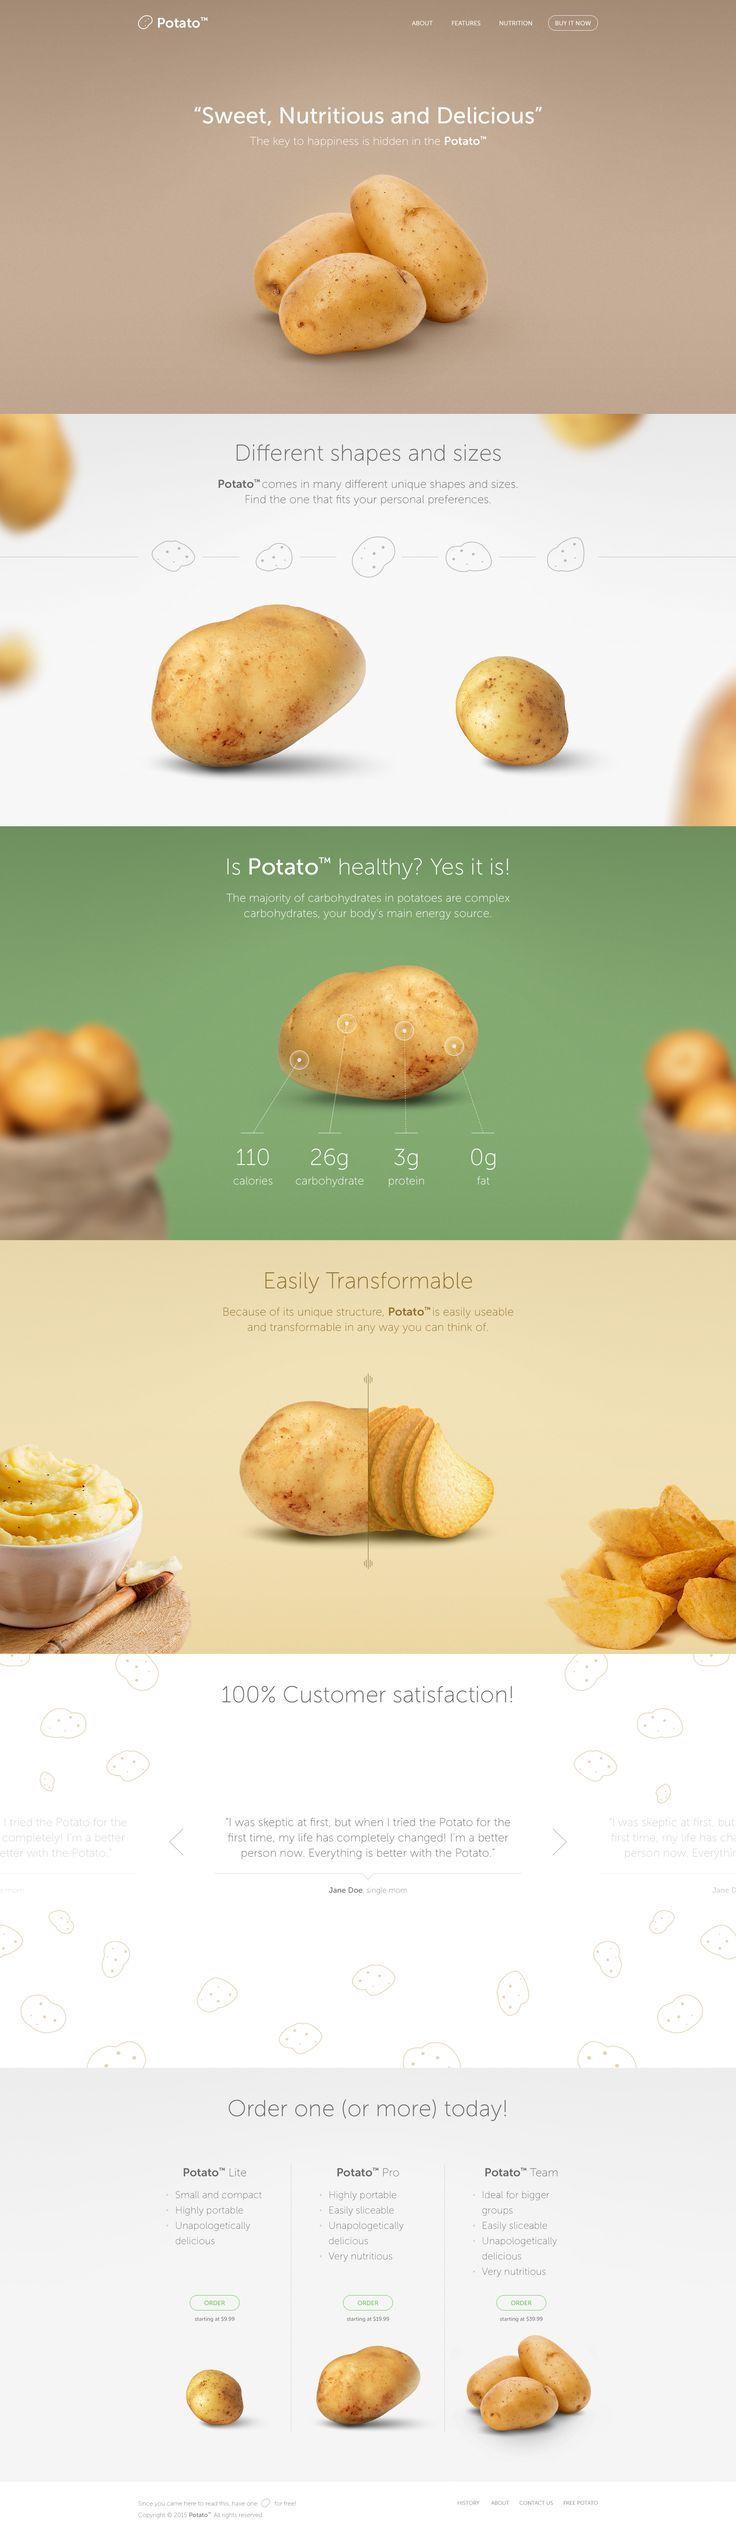 Potato. Finally, an official site for potato. #webdesign #design (View more at www.aldenchong.com)